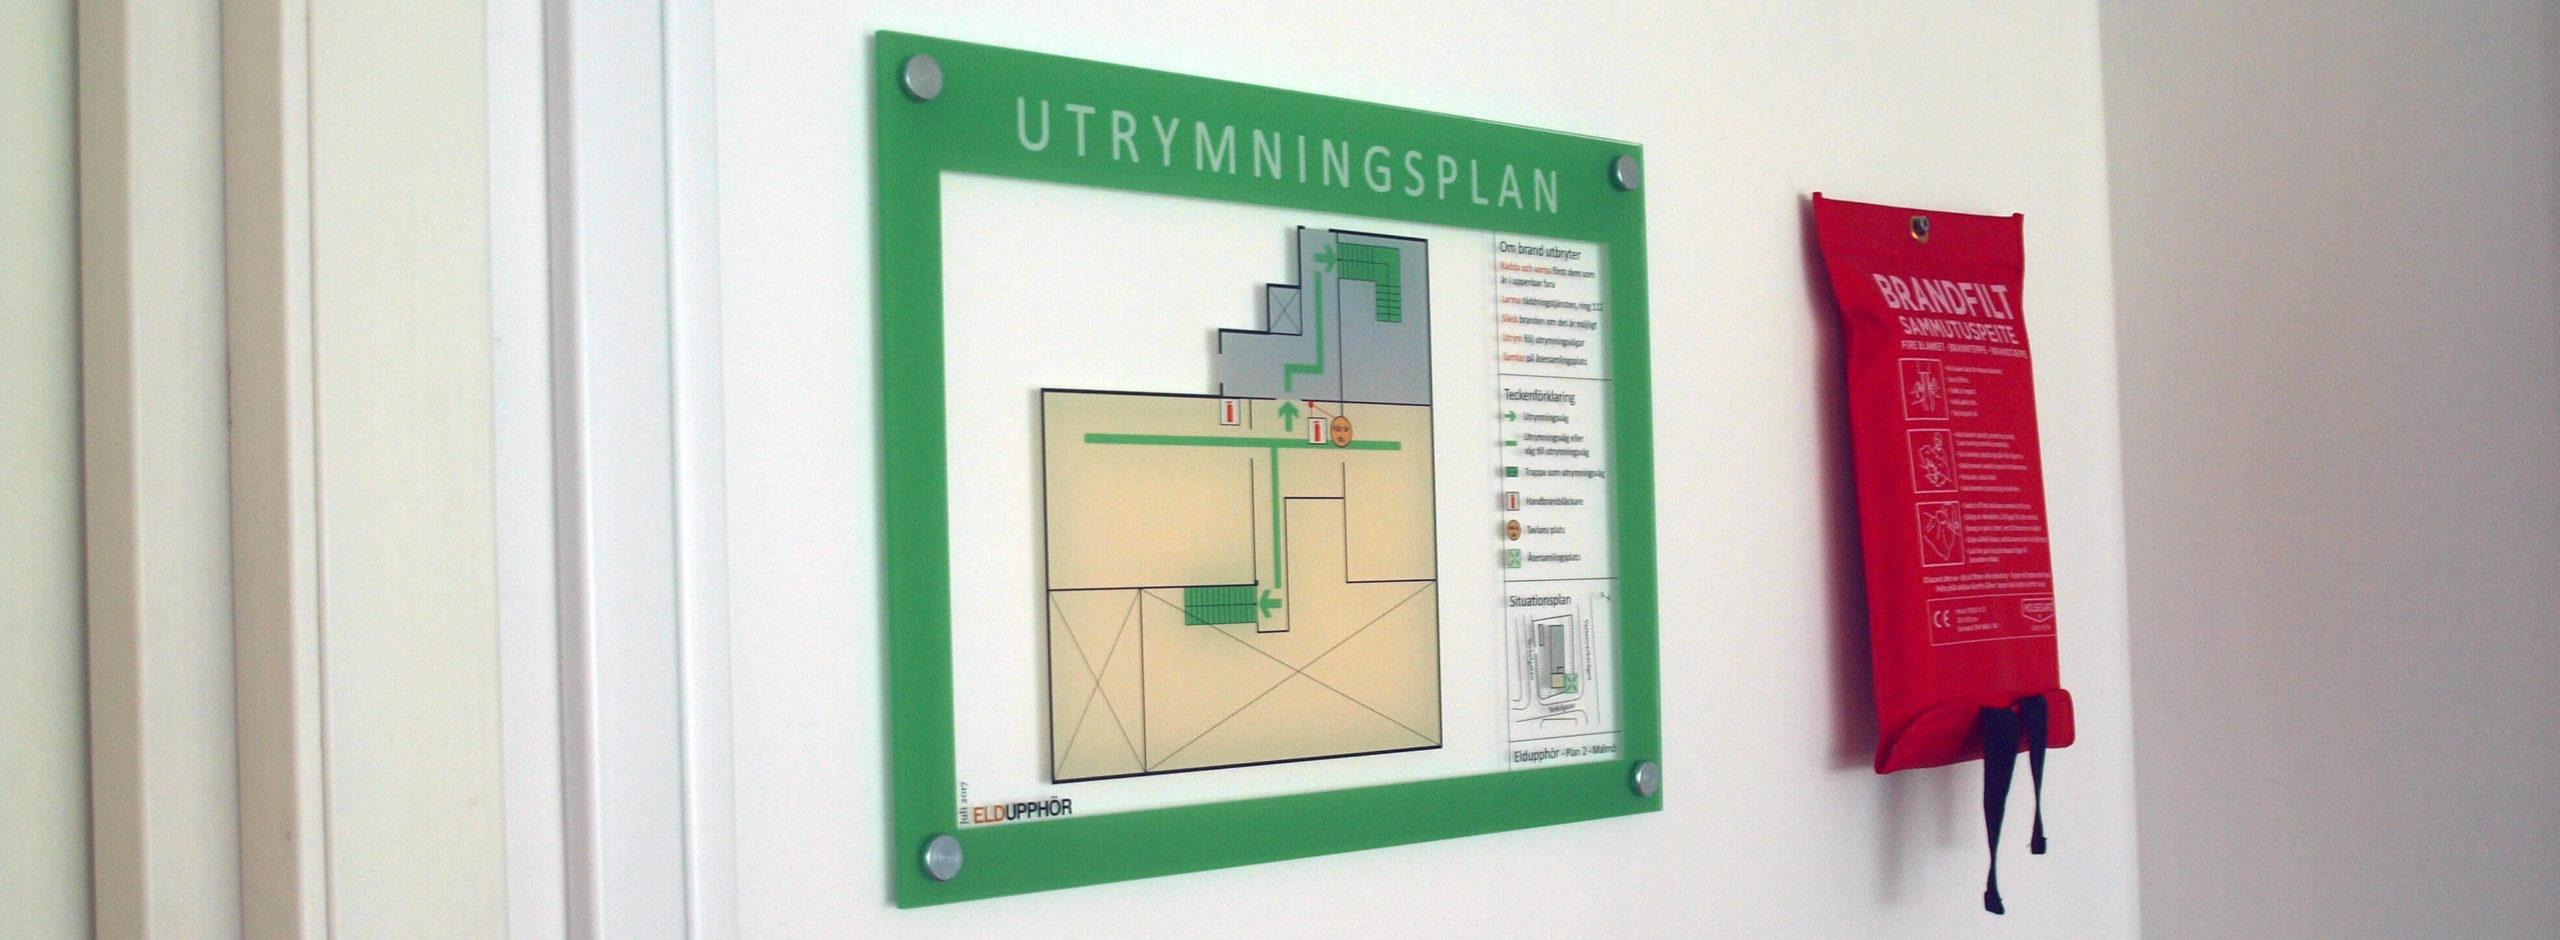 Utrymningsplan Malmö Skåne